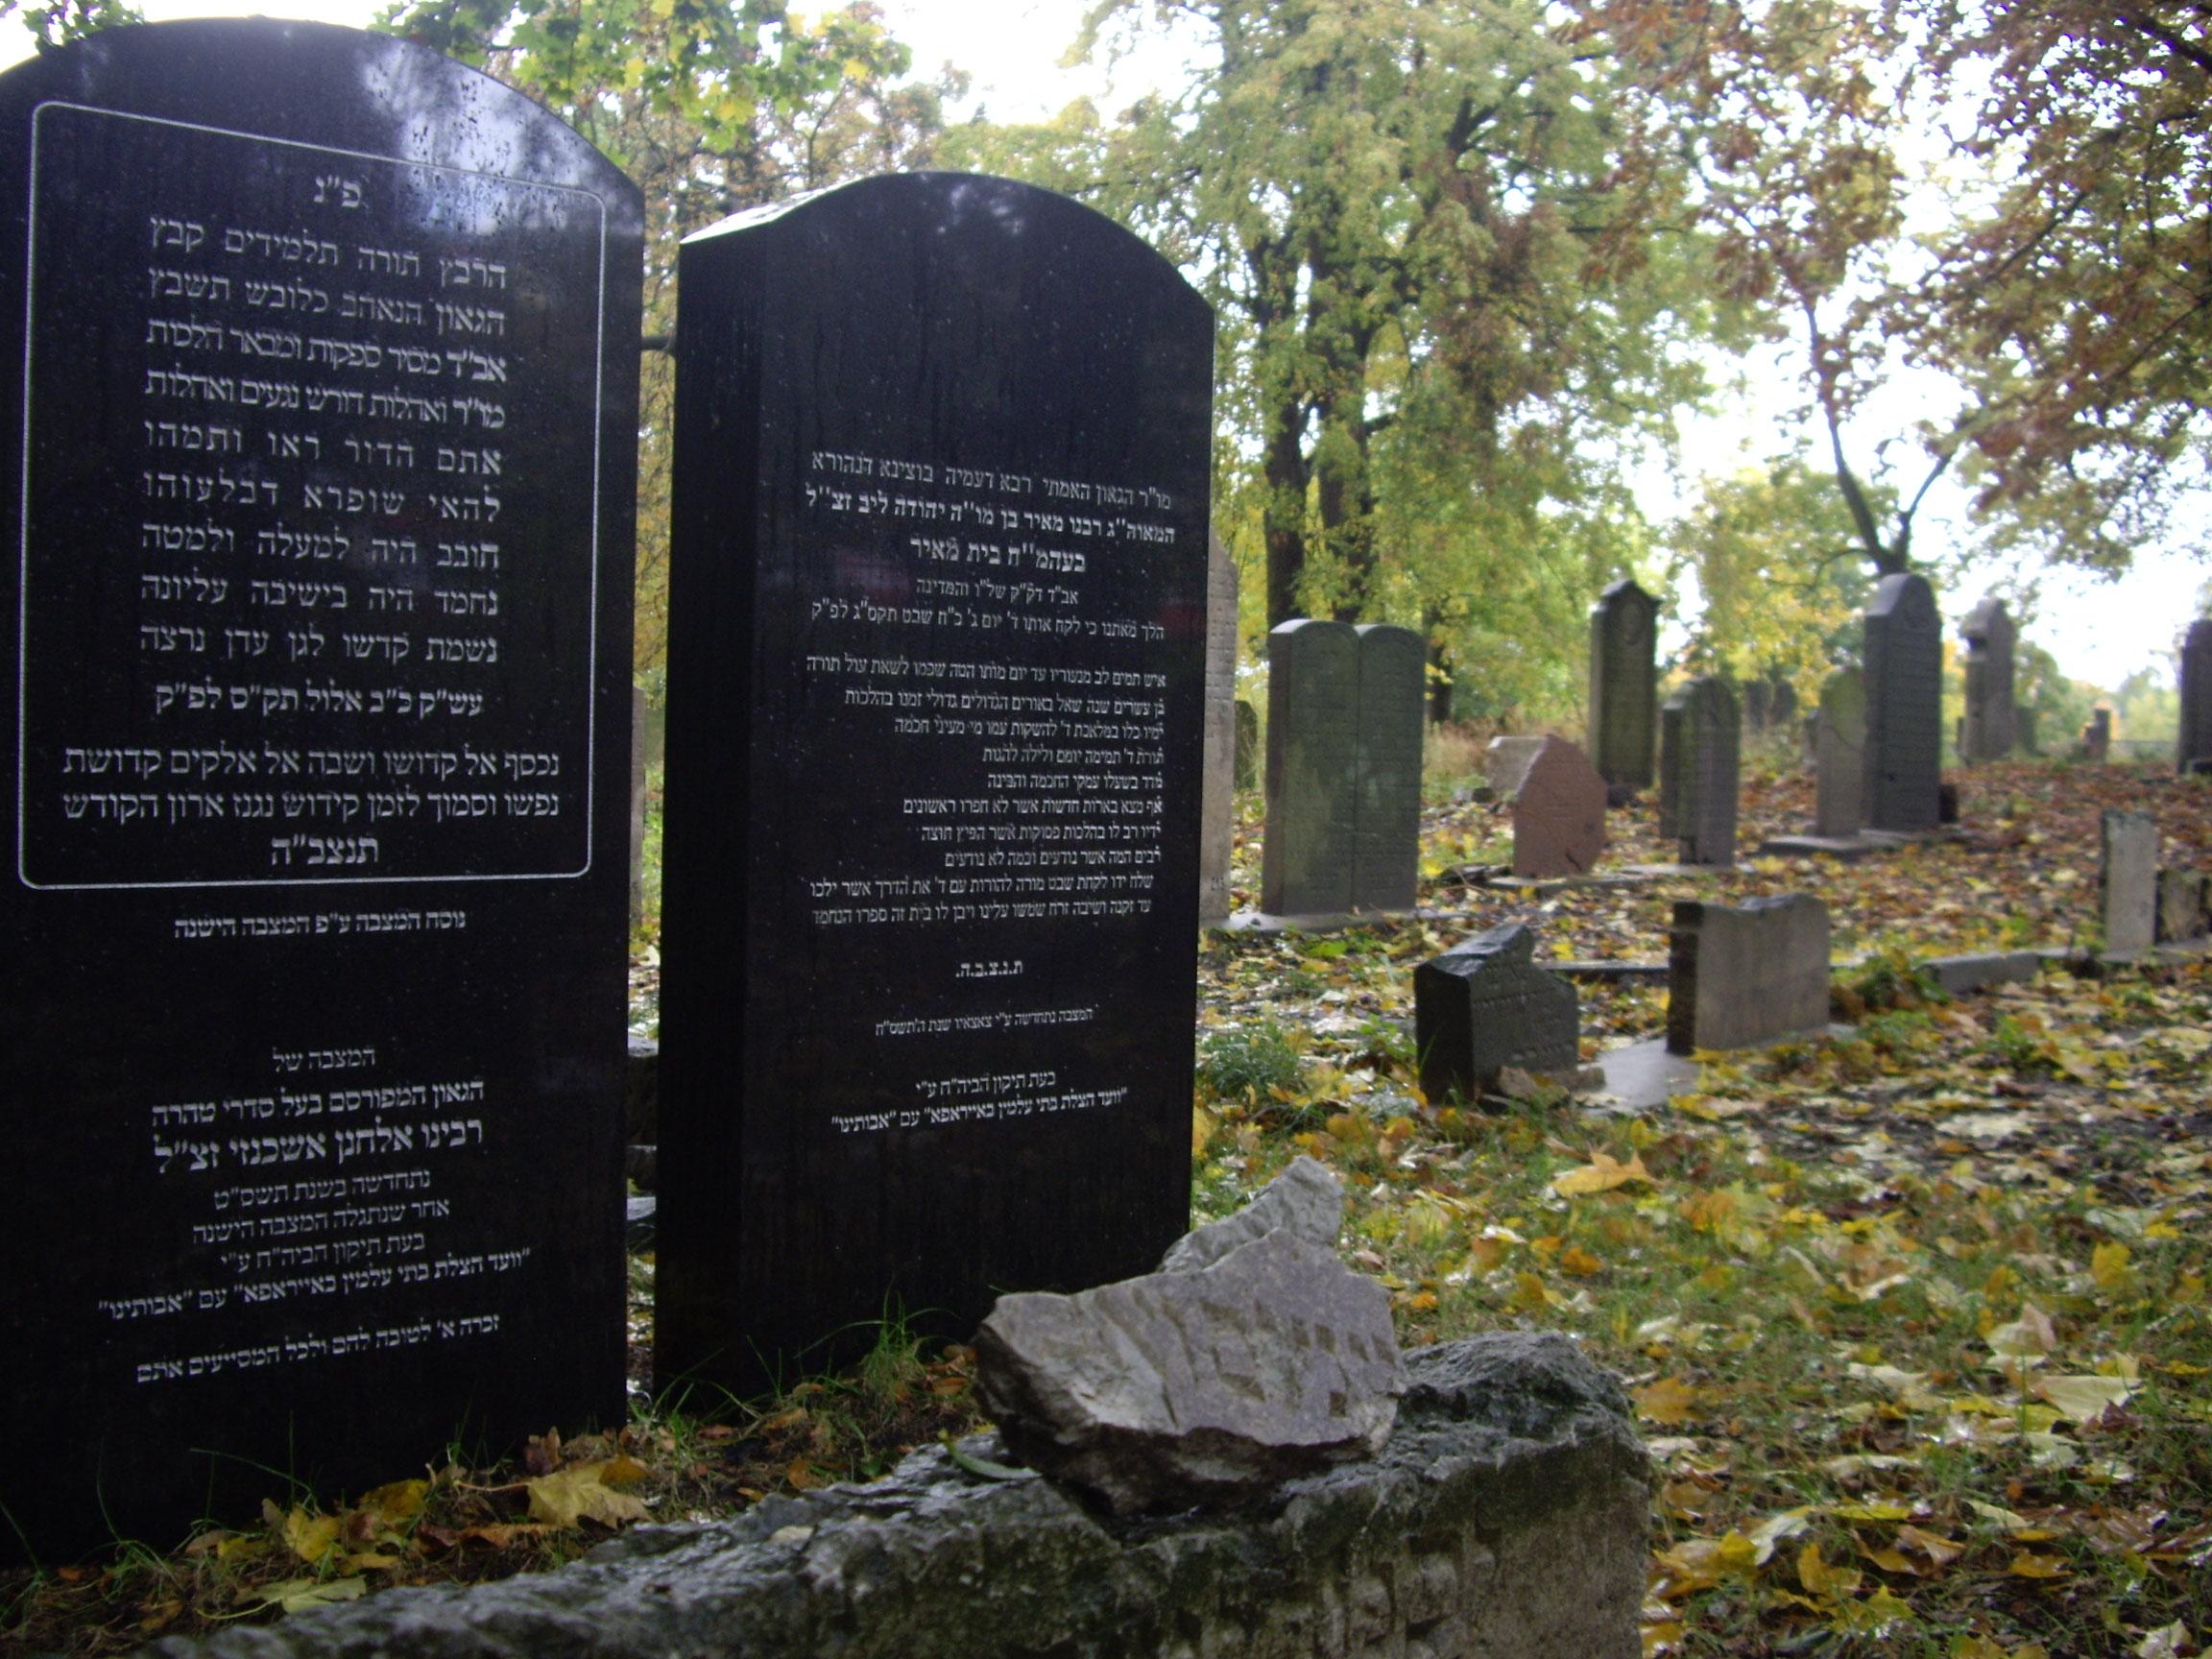 Cmentarz Żydowski w Gdańsku 2009 r.